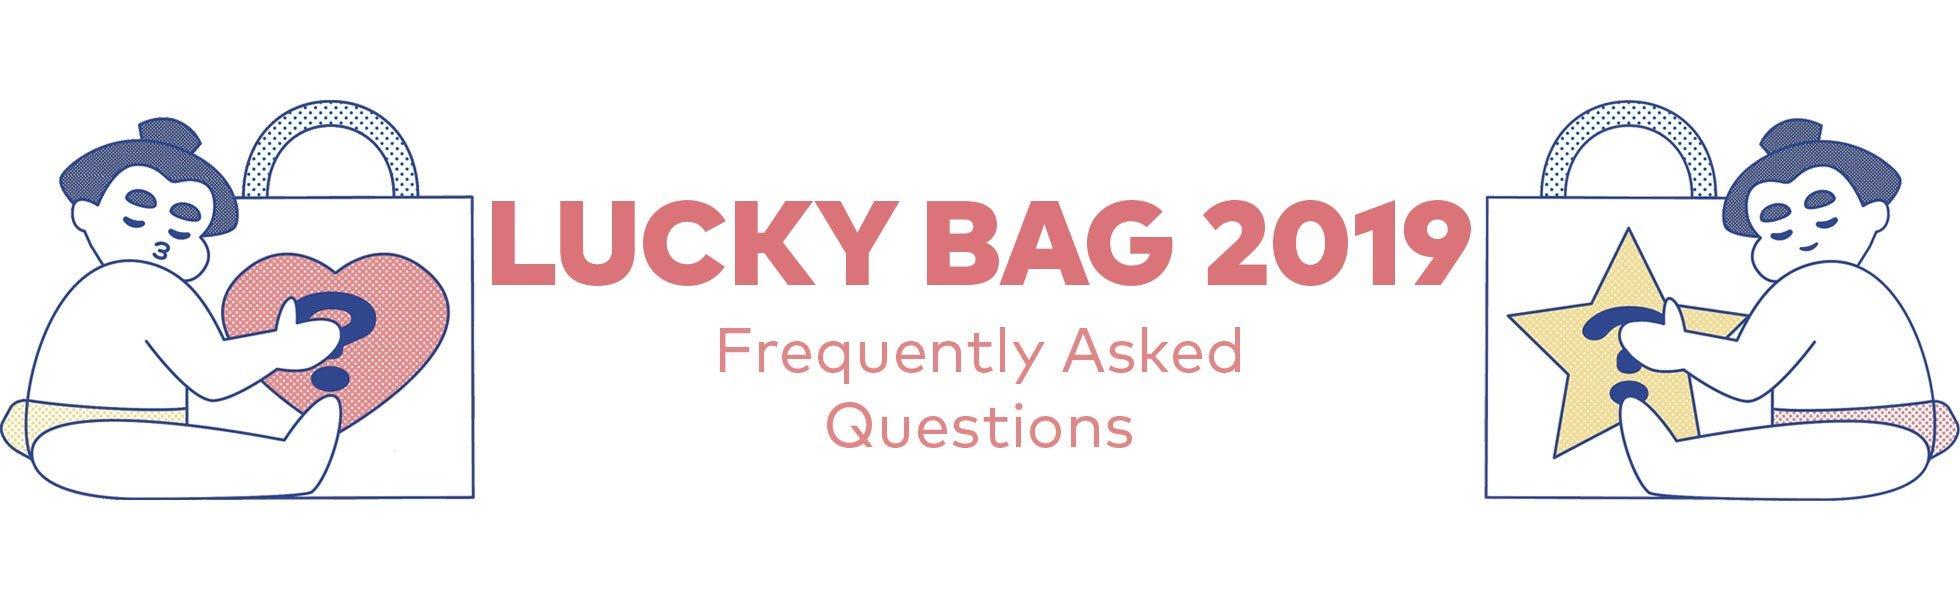 Beautylish Lucky Bag 2019 FAQs